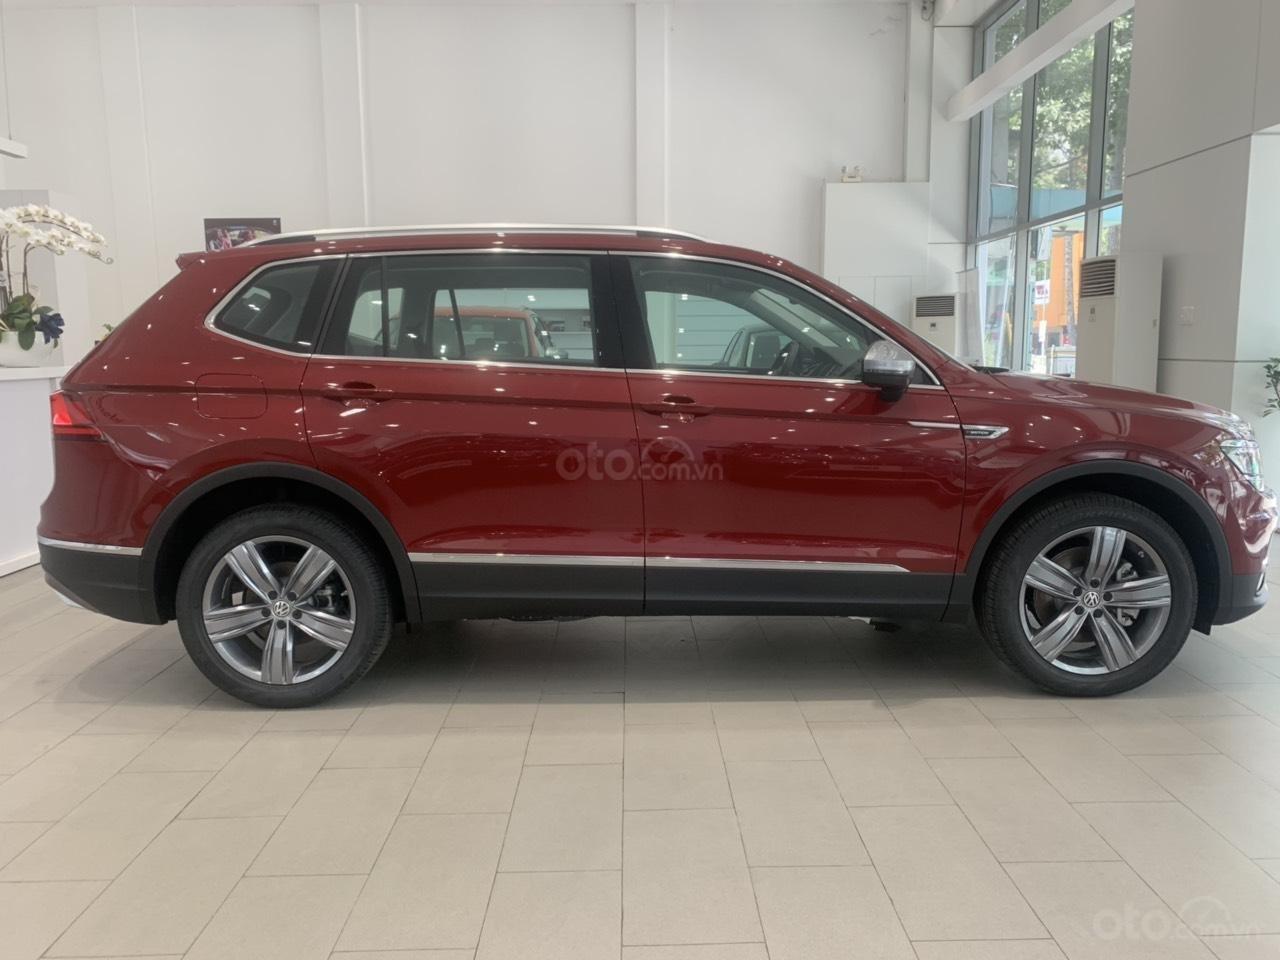 Volkswagen Tiguan Allspace 7 chỗ phiên bản Luxury hoàn hảo màu đỏ. Ưu đãi về giá, giao ngay (2)